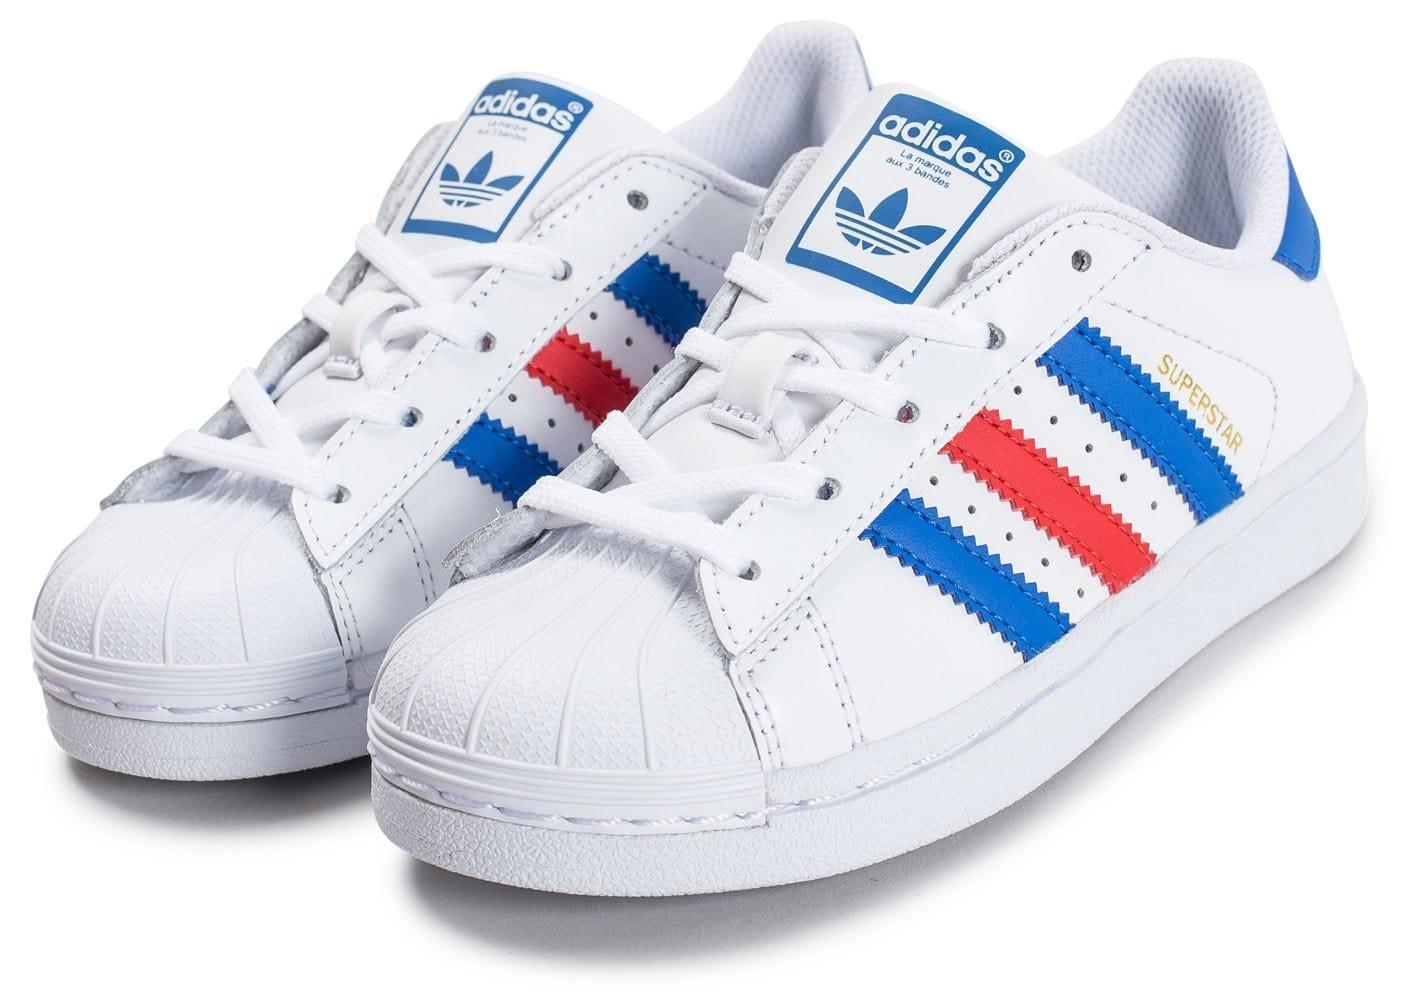 48cced8f5df Promotion de groupe adidas superstar femme bleu blanc rouge.Dédié à ...